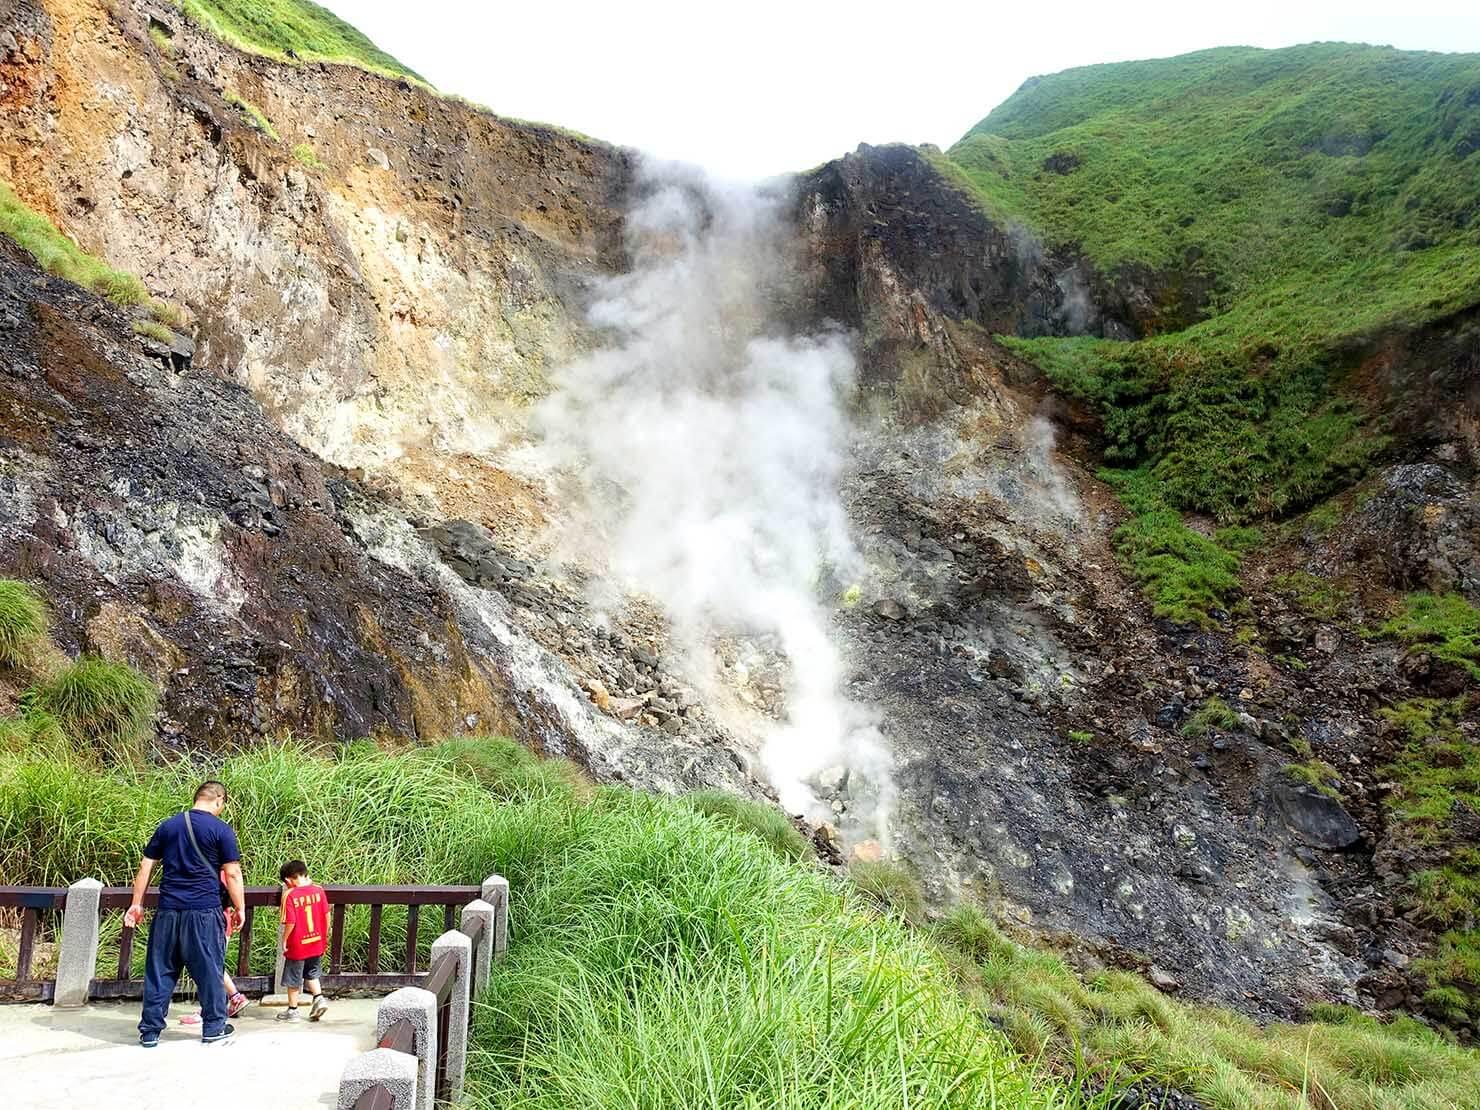 台北・陽明山のおすすめスポット「小油坑」の展望台